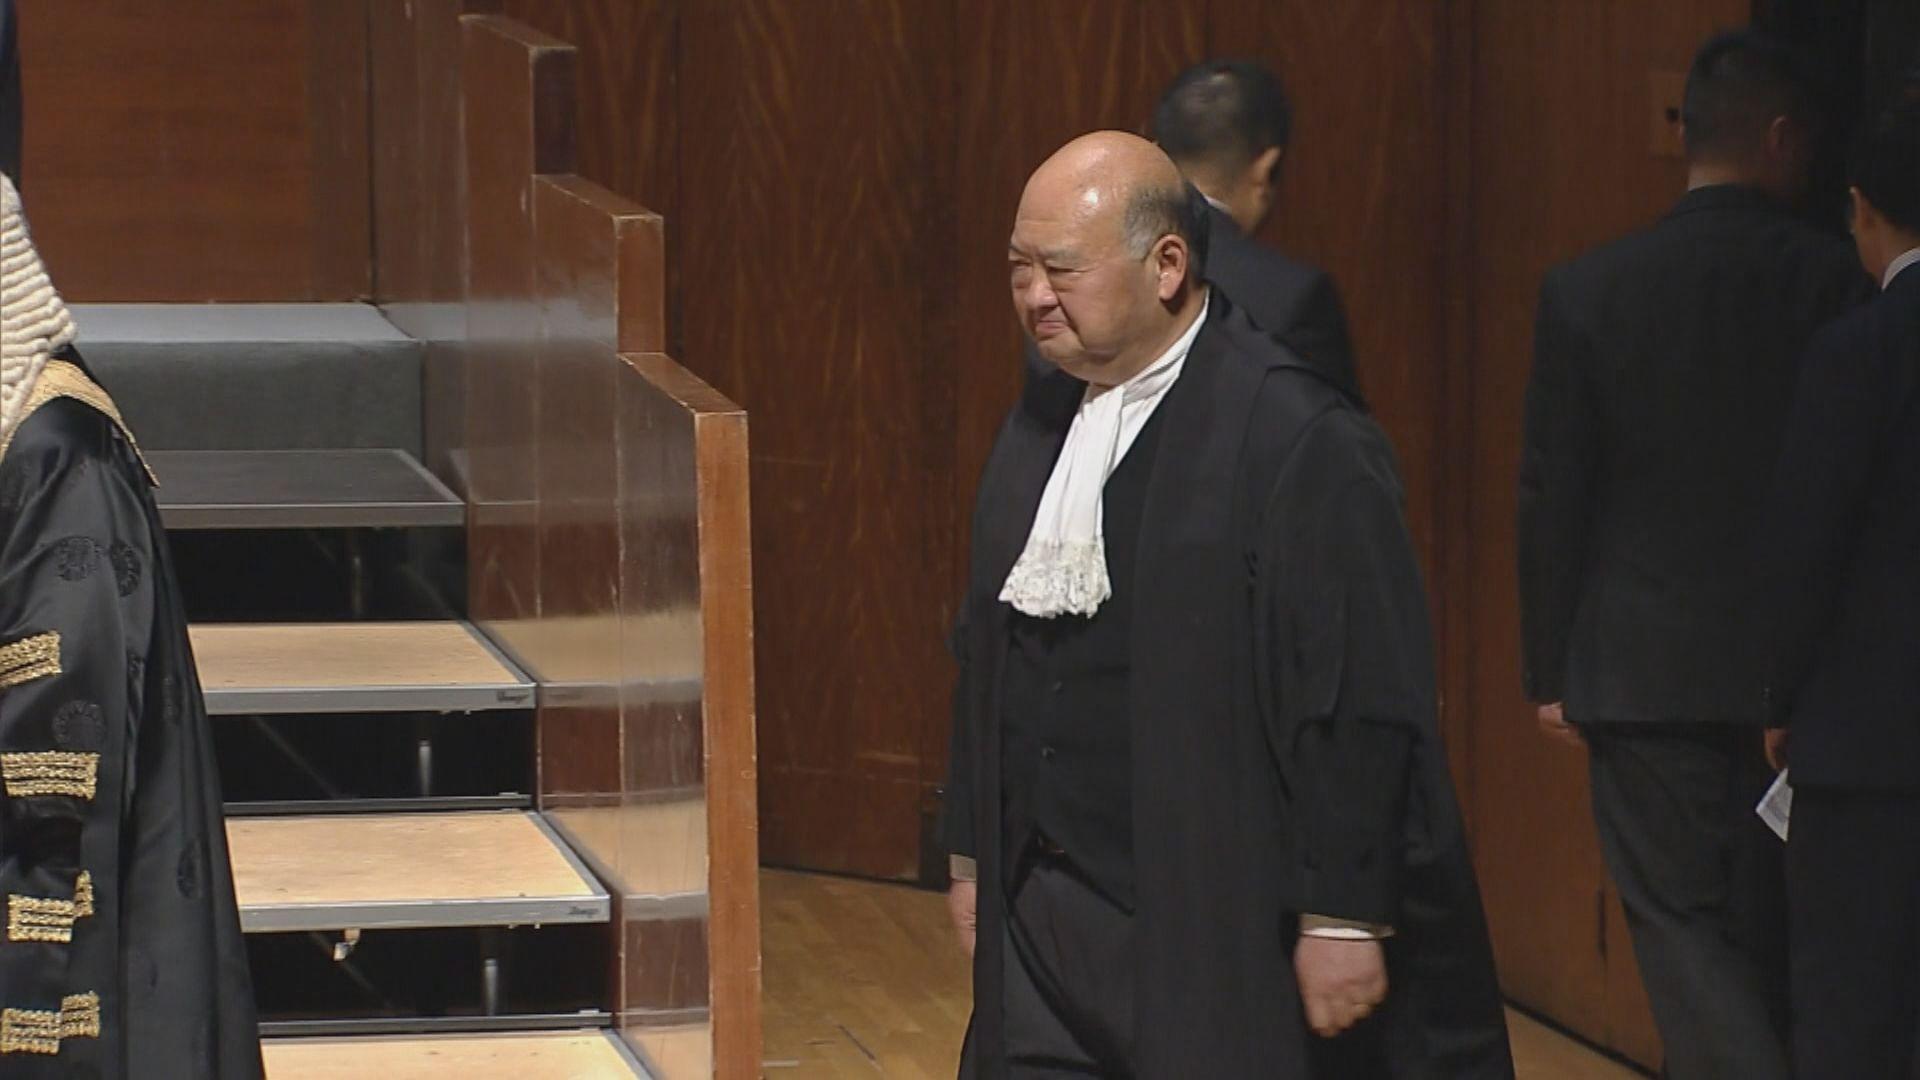 馬道立:研究加快處理反修例案件 如延長開庭